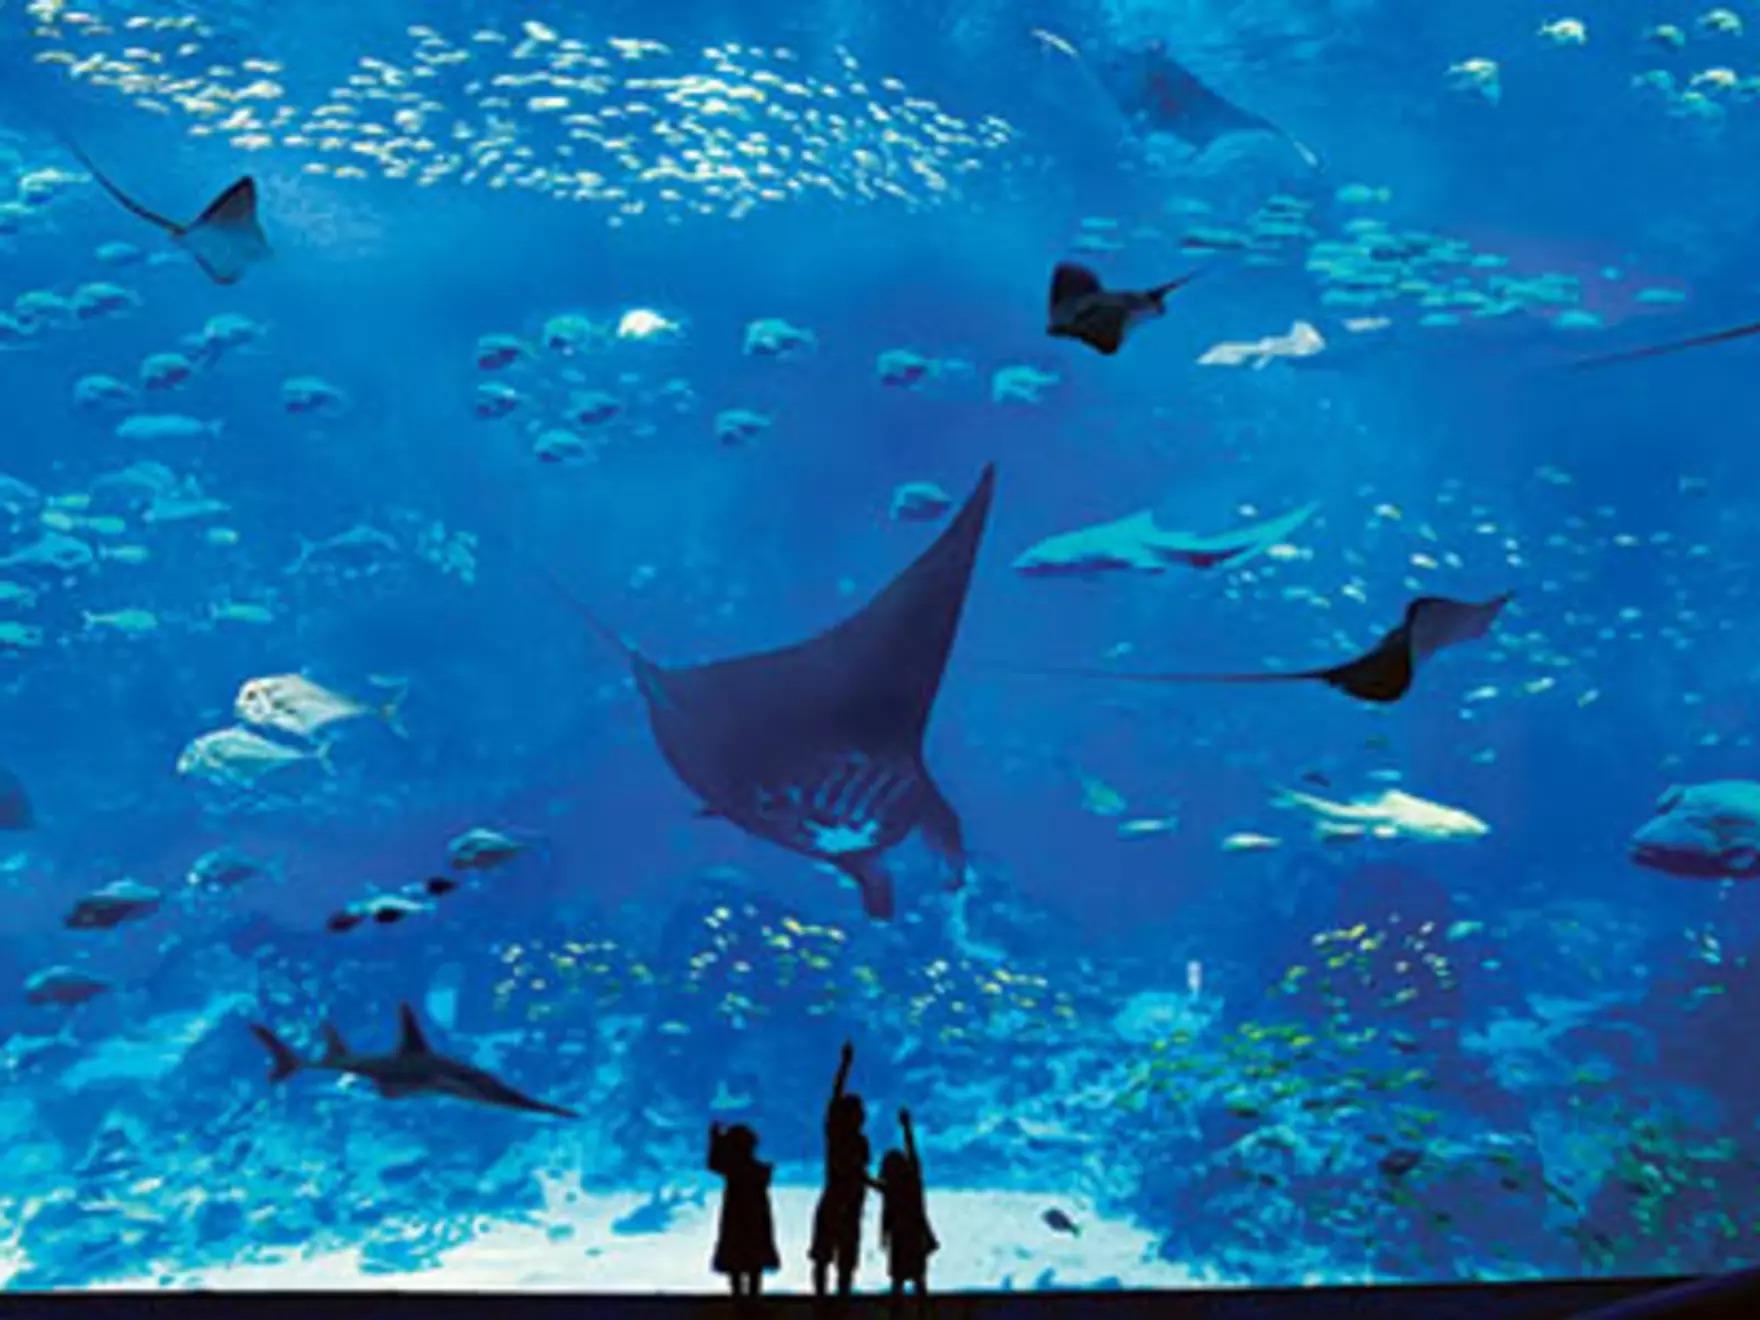 シンガポール水族館の大型パネル水槽